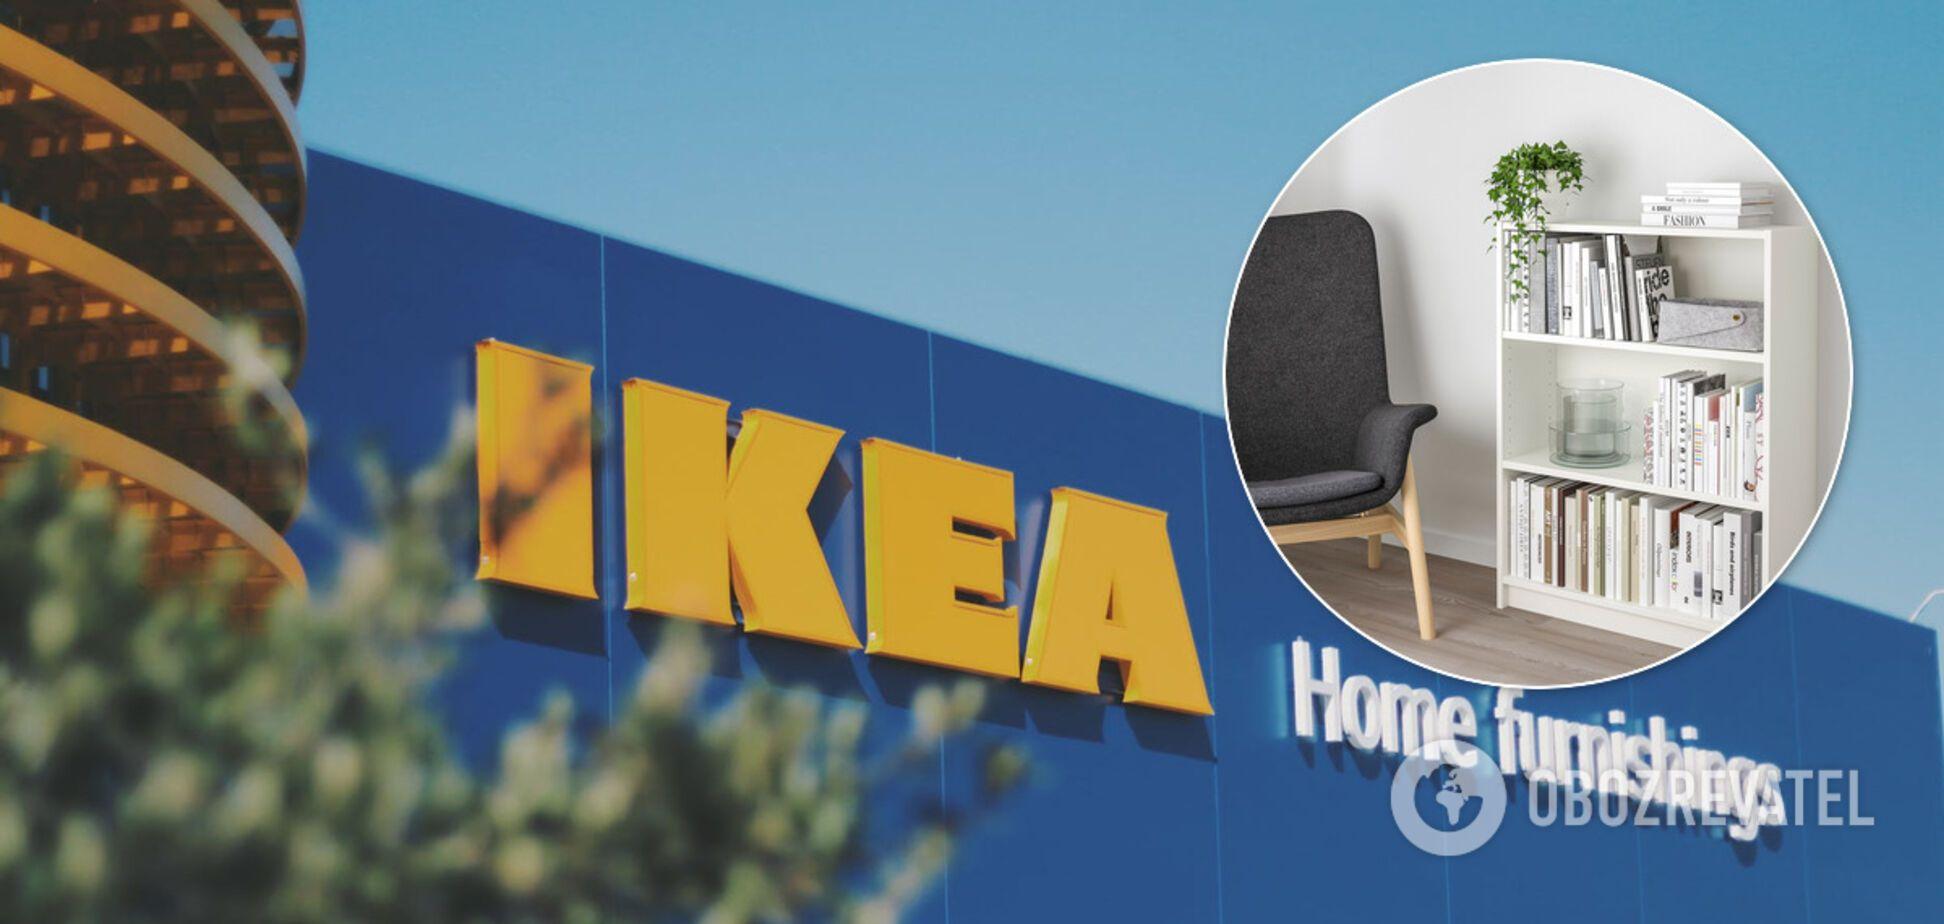 IKEA відновить роботу онлайн-магазину в Україні 8 червня